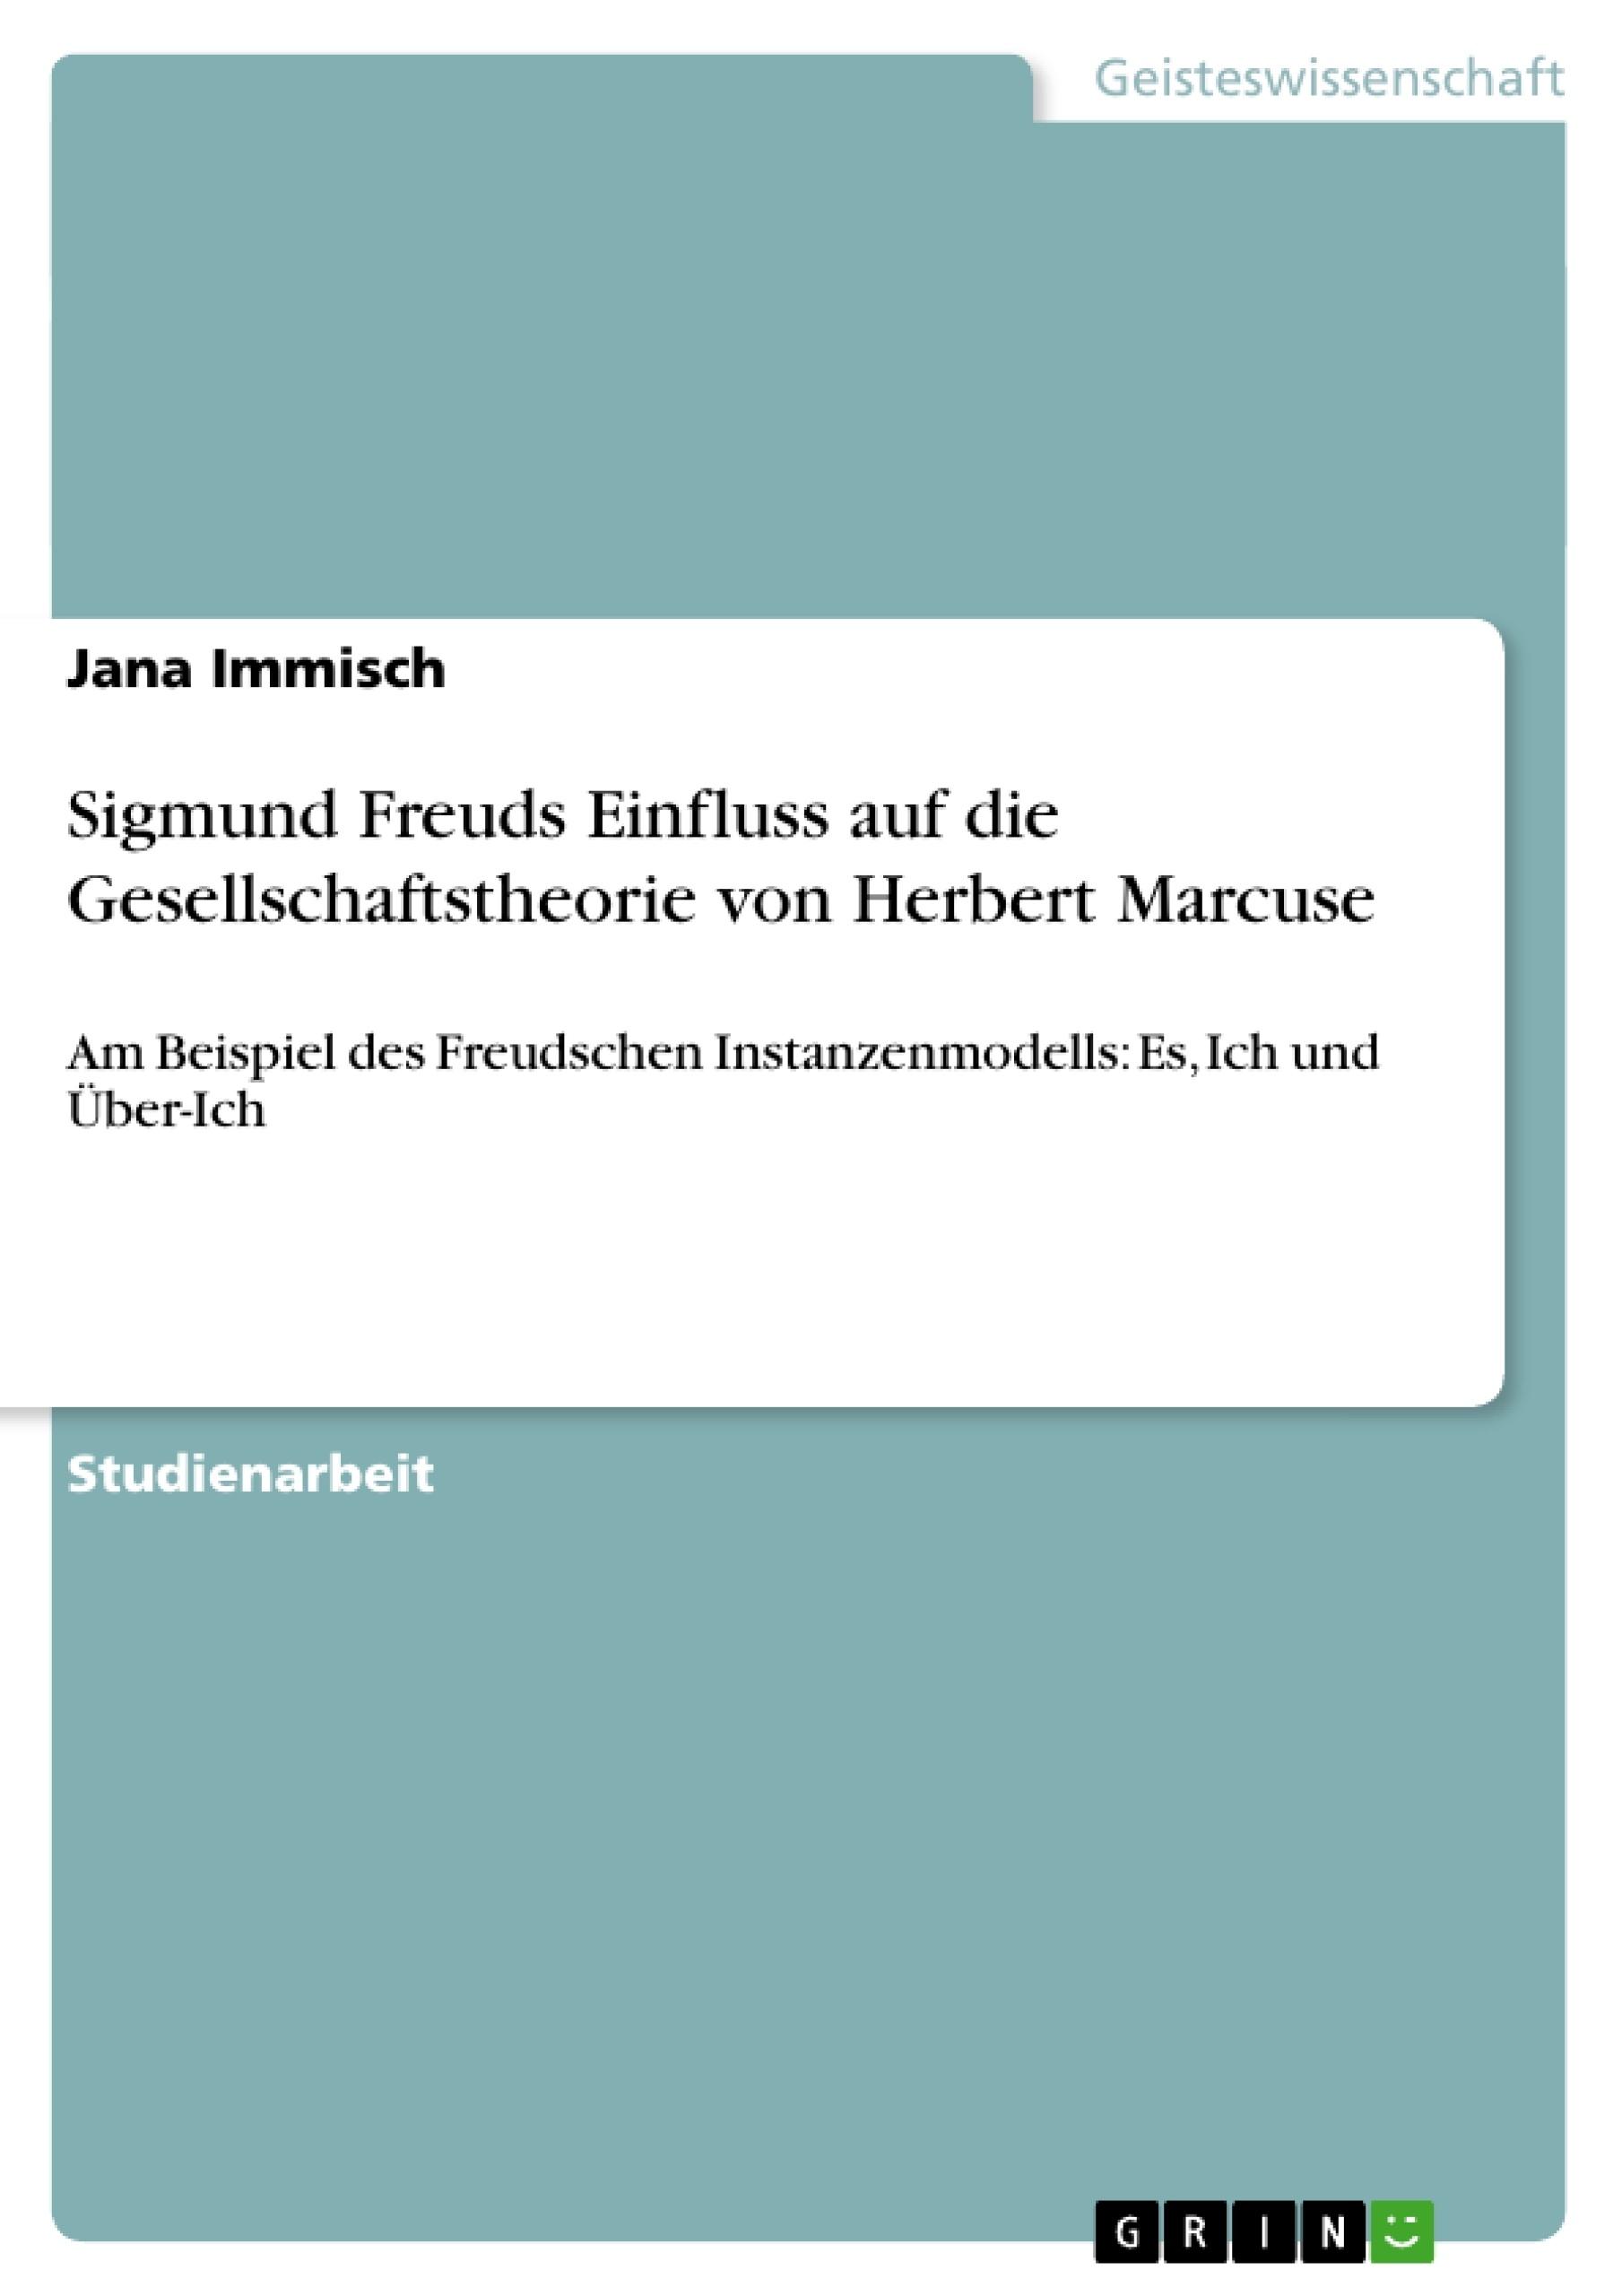 Titel: Sigmund Freuds Einfluss auf die Gesellschaftstheorie von Herbert Marcuse